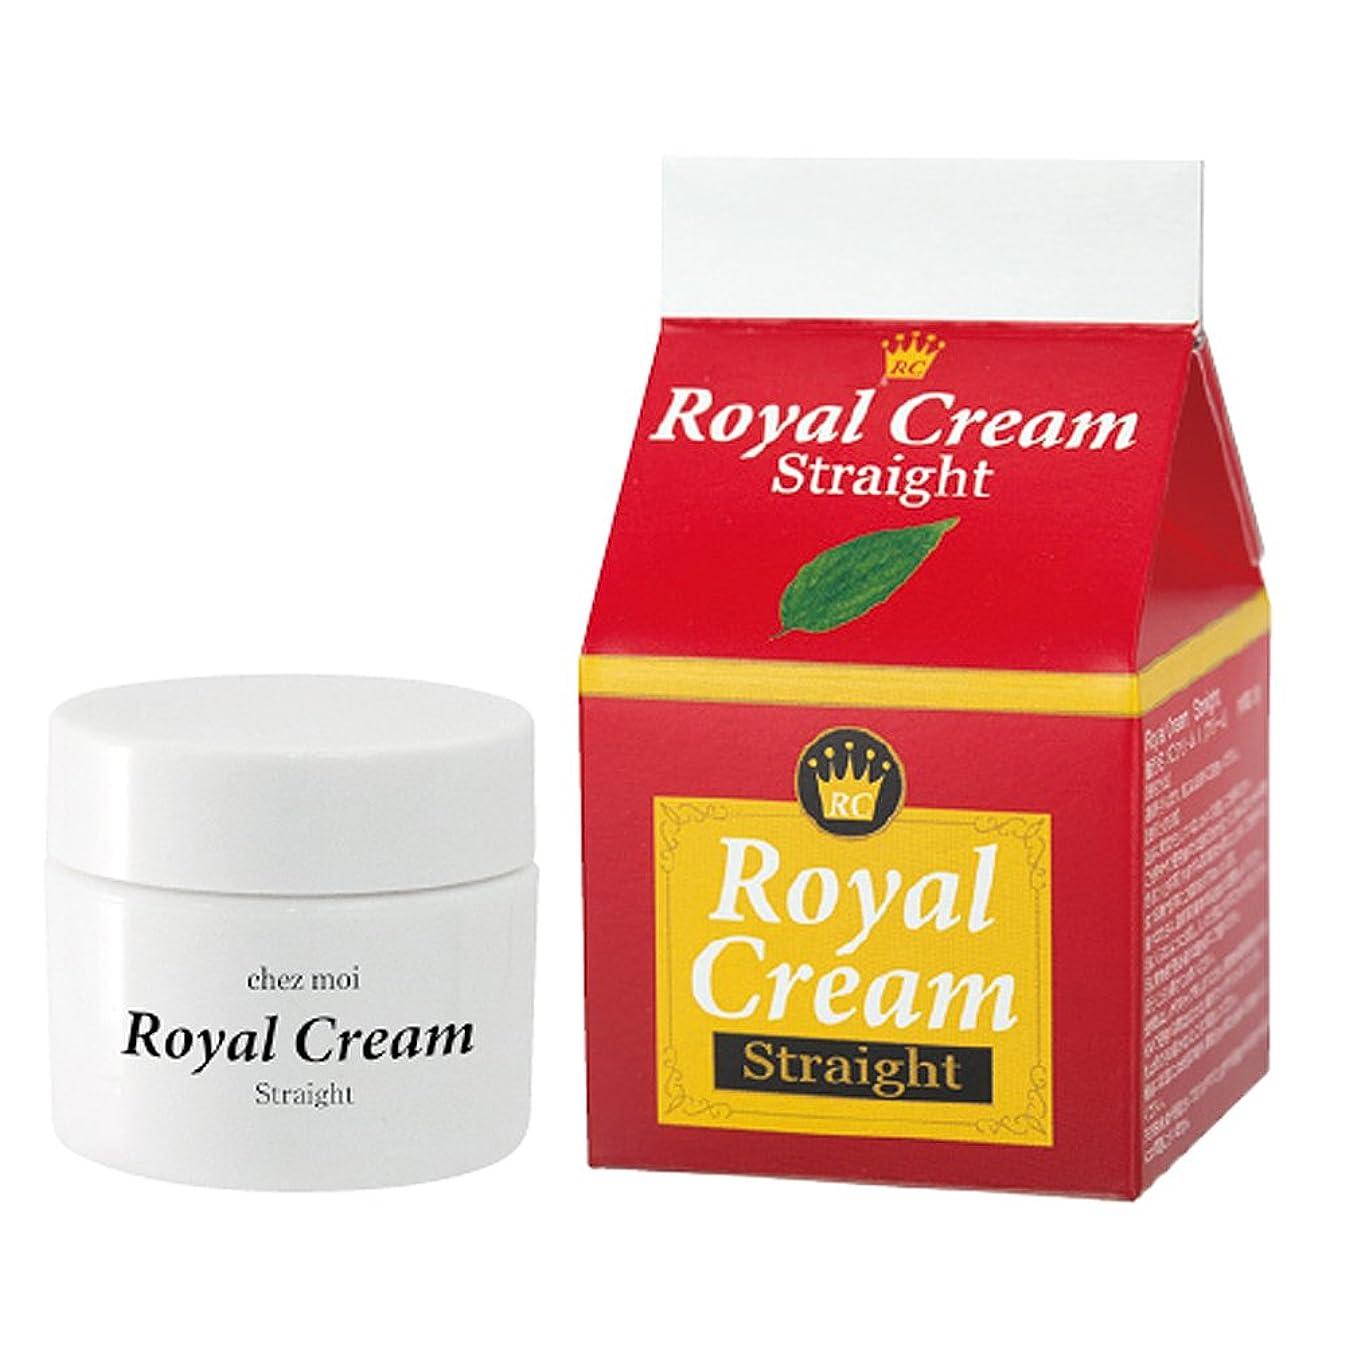 原油グレートオーク鳥シェモア Royal Cream Straight(ロイヤルクリームストレート) 30g